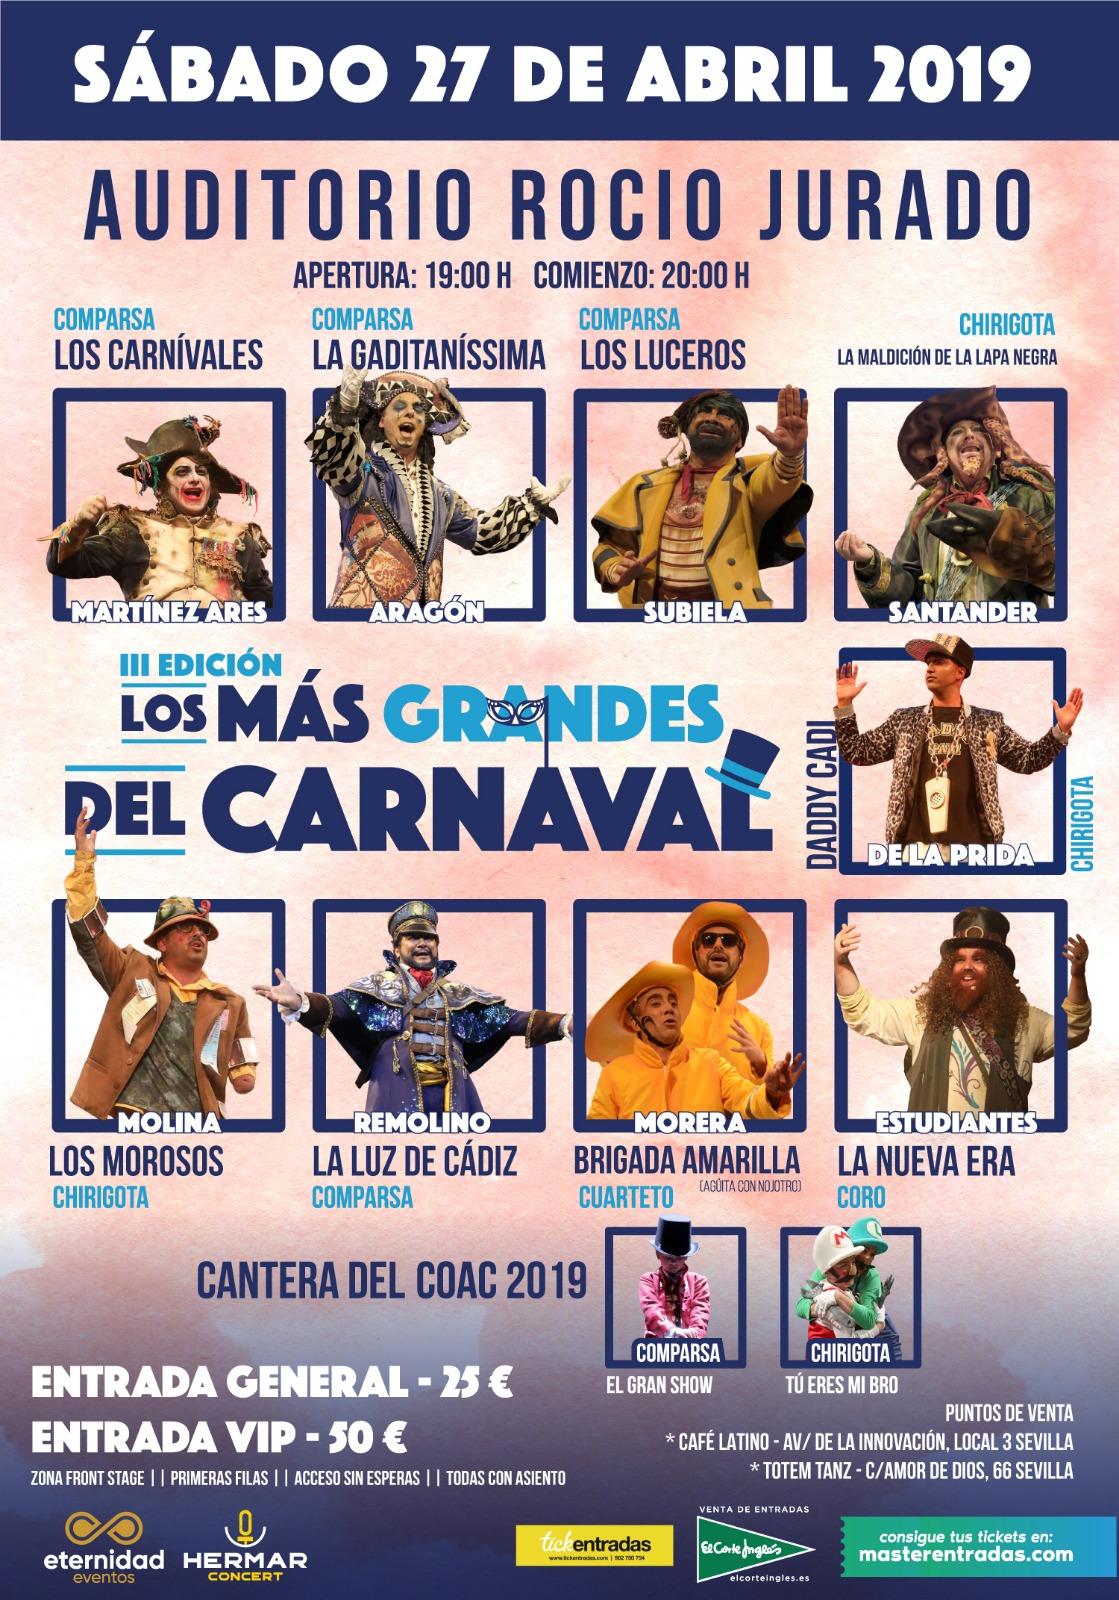 Los más grandes del Carnaval III Edición en el Auditorio Rocío Jurado de Sevilla